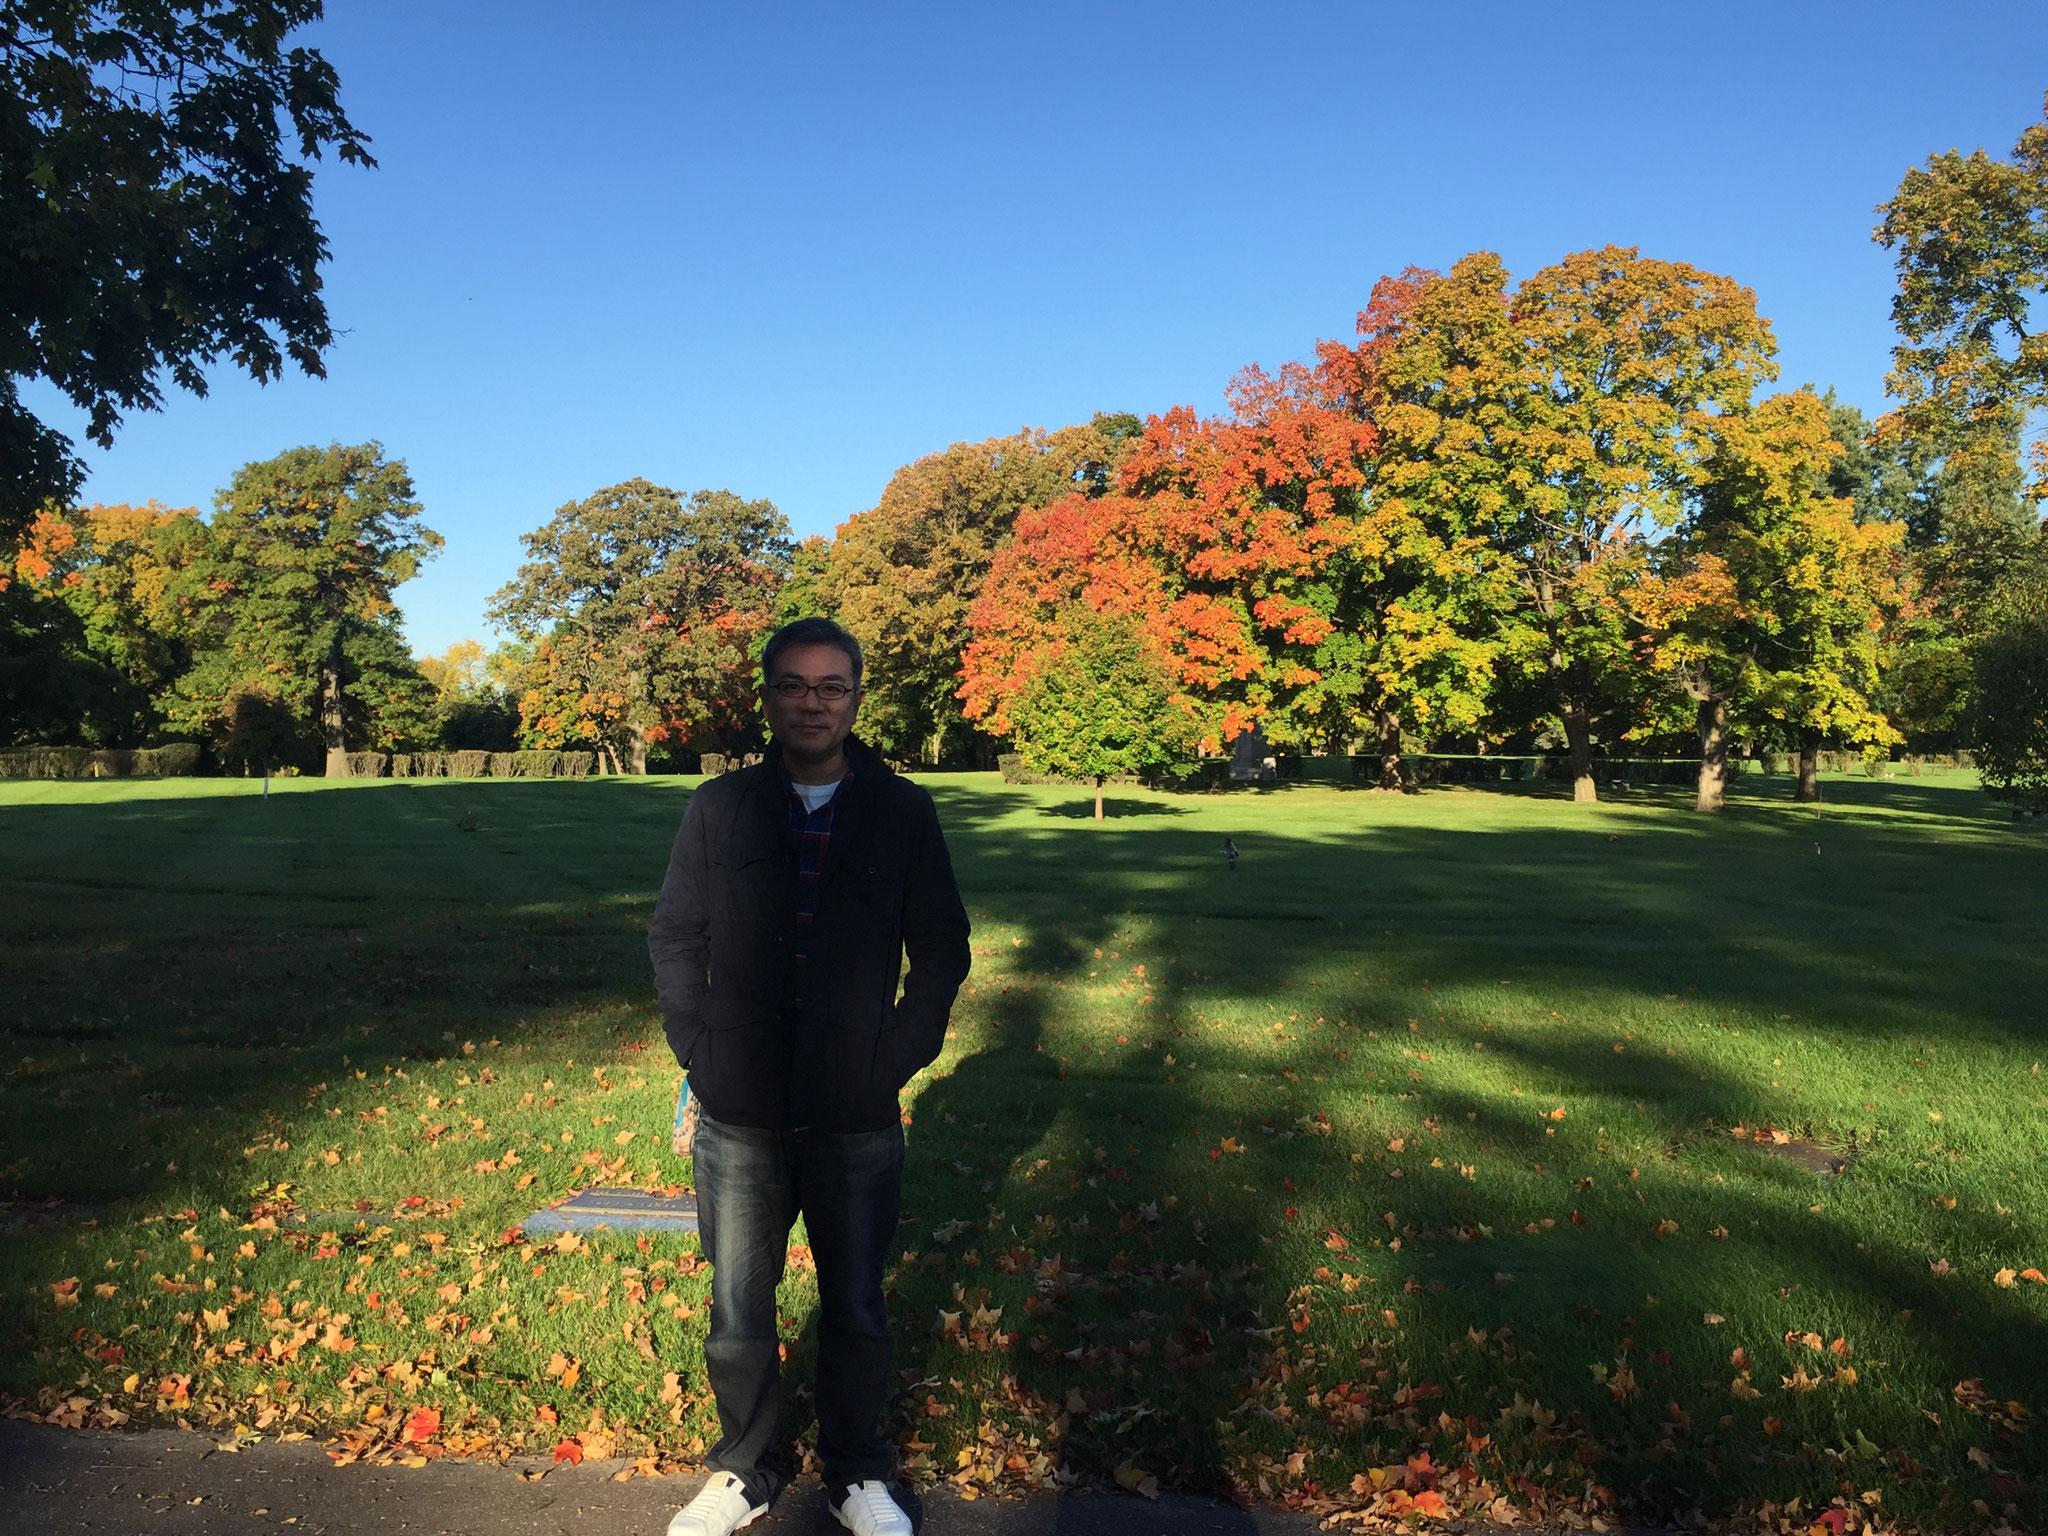 紅葉が進んだ墓地公園(ミネソタ州)